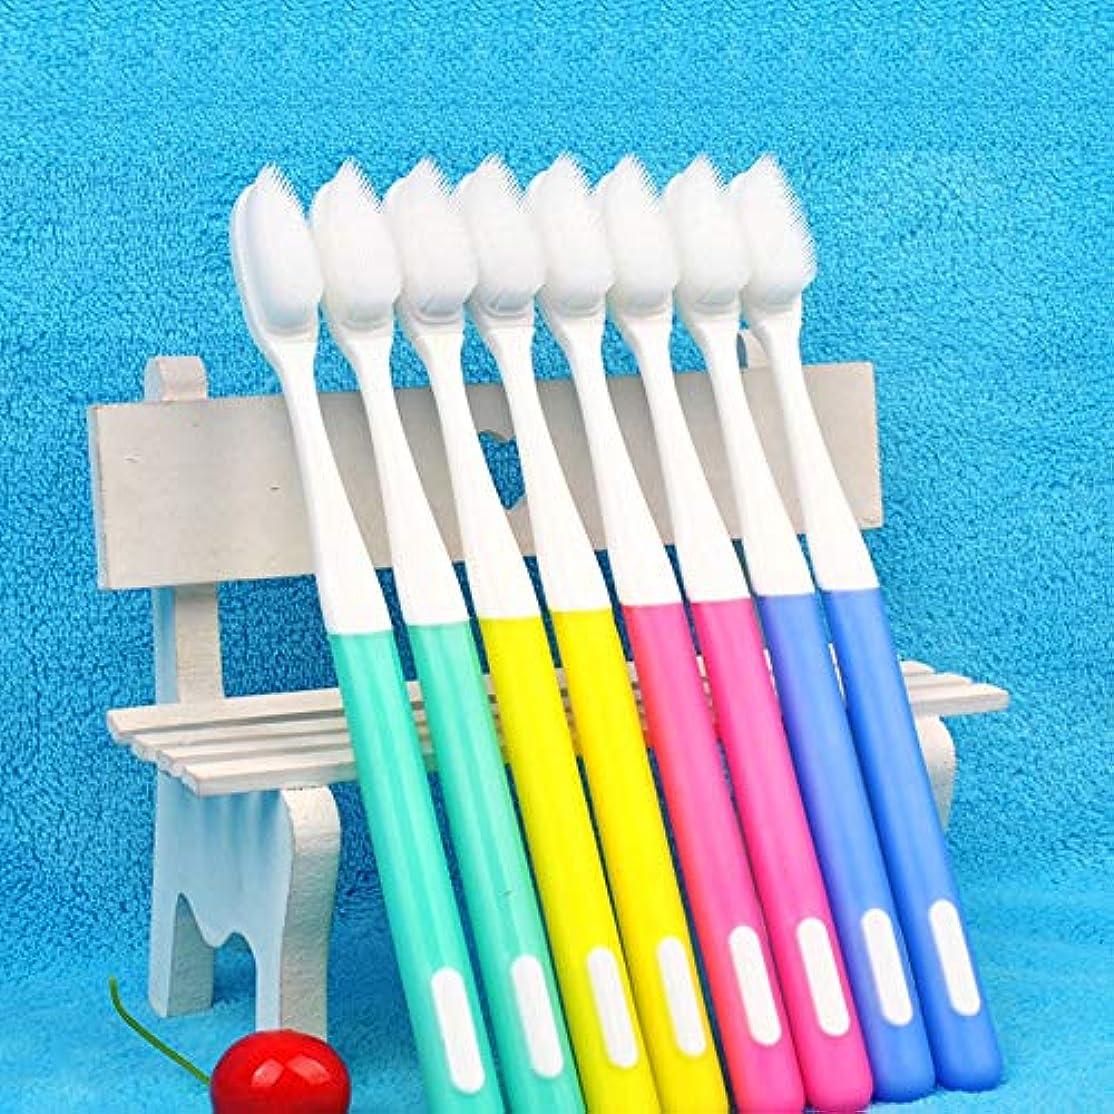 意外宮殿高める歯ブラシ 10パック柔らかい歯ブラシ、ナノ大人歯ブラシ、環境にやさしいシリコン歯ブラシを - 利用可能な2つのスタイル KHL (色 : B, サイズ : 10 packs)